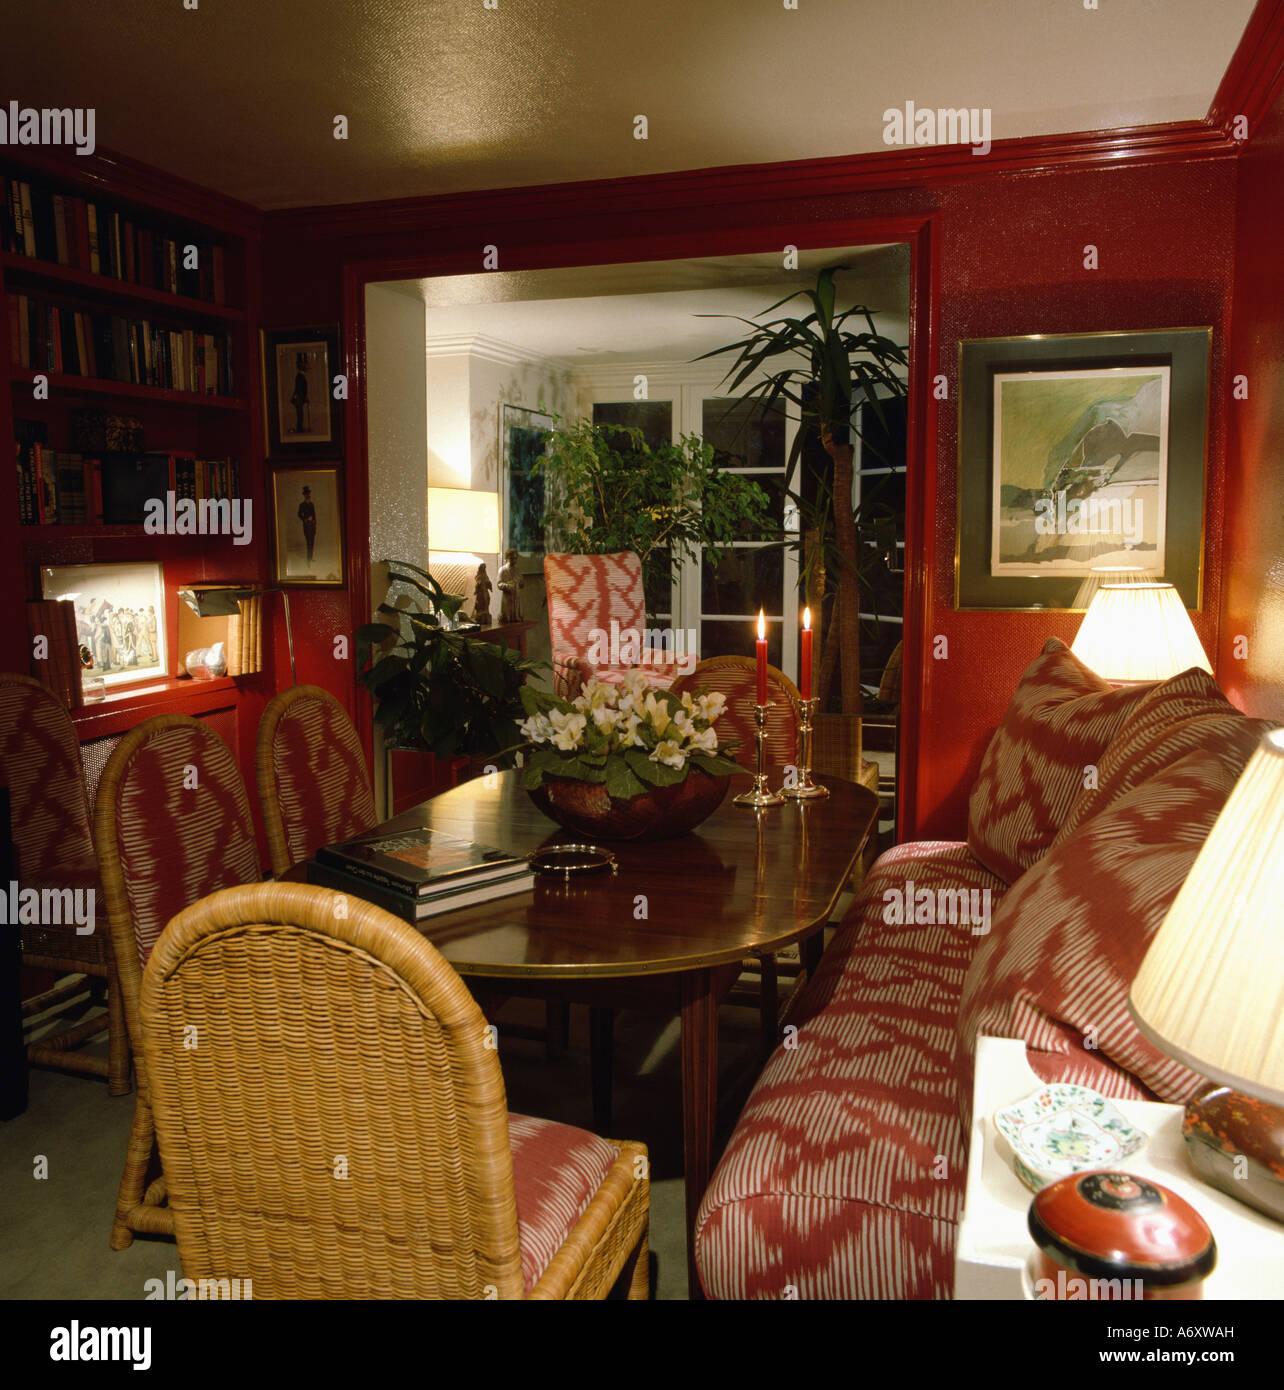 Rote Esszimmer Mit Bankett Bestuhlung Und Poliertem Holz Esstisch Mit  Korbstühlen Stockbild